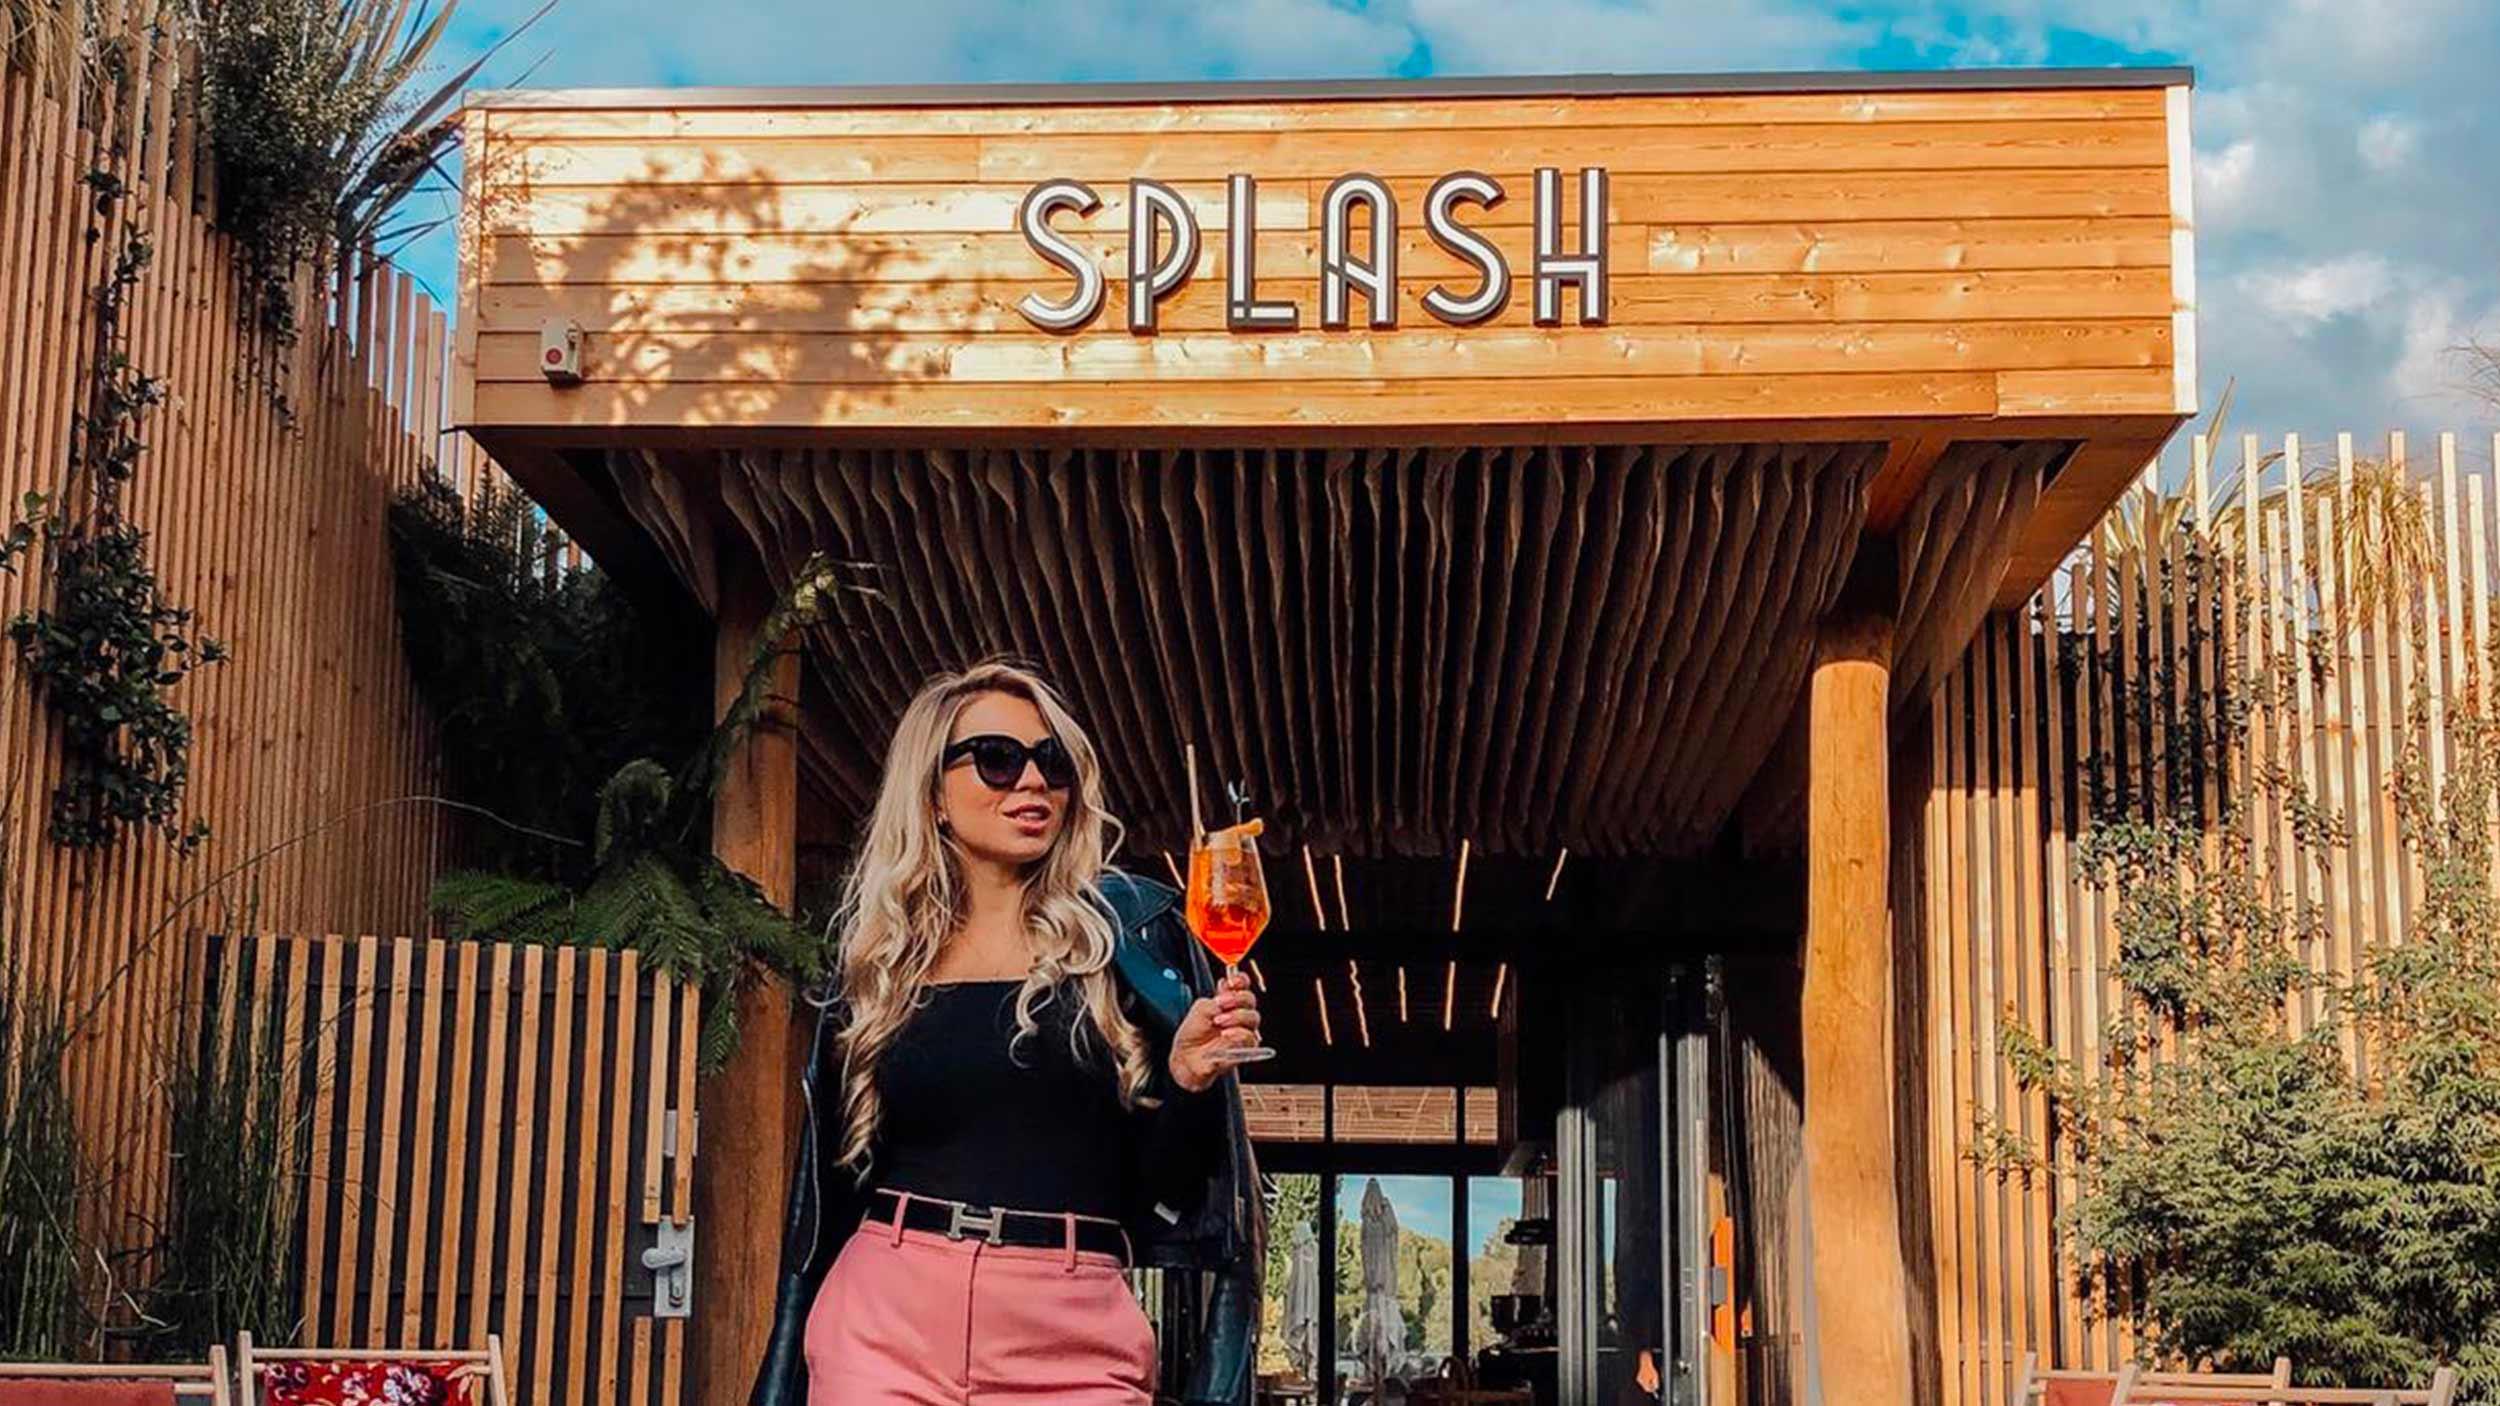 splash-restaurant-asnieres-sur-seine-norbert-tarayre